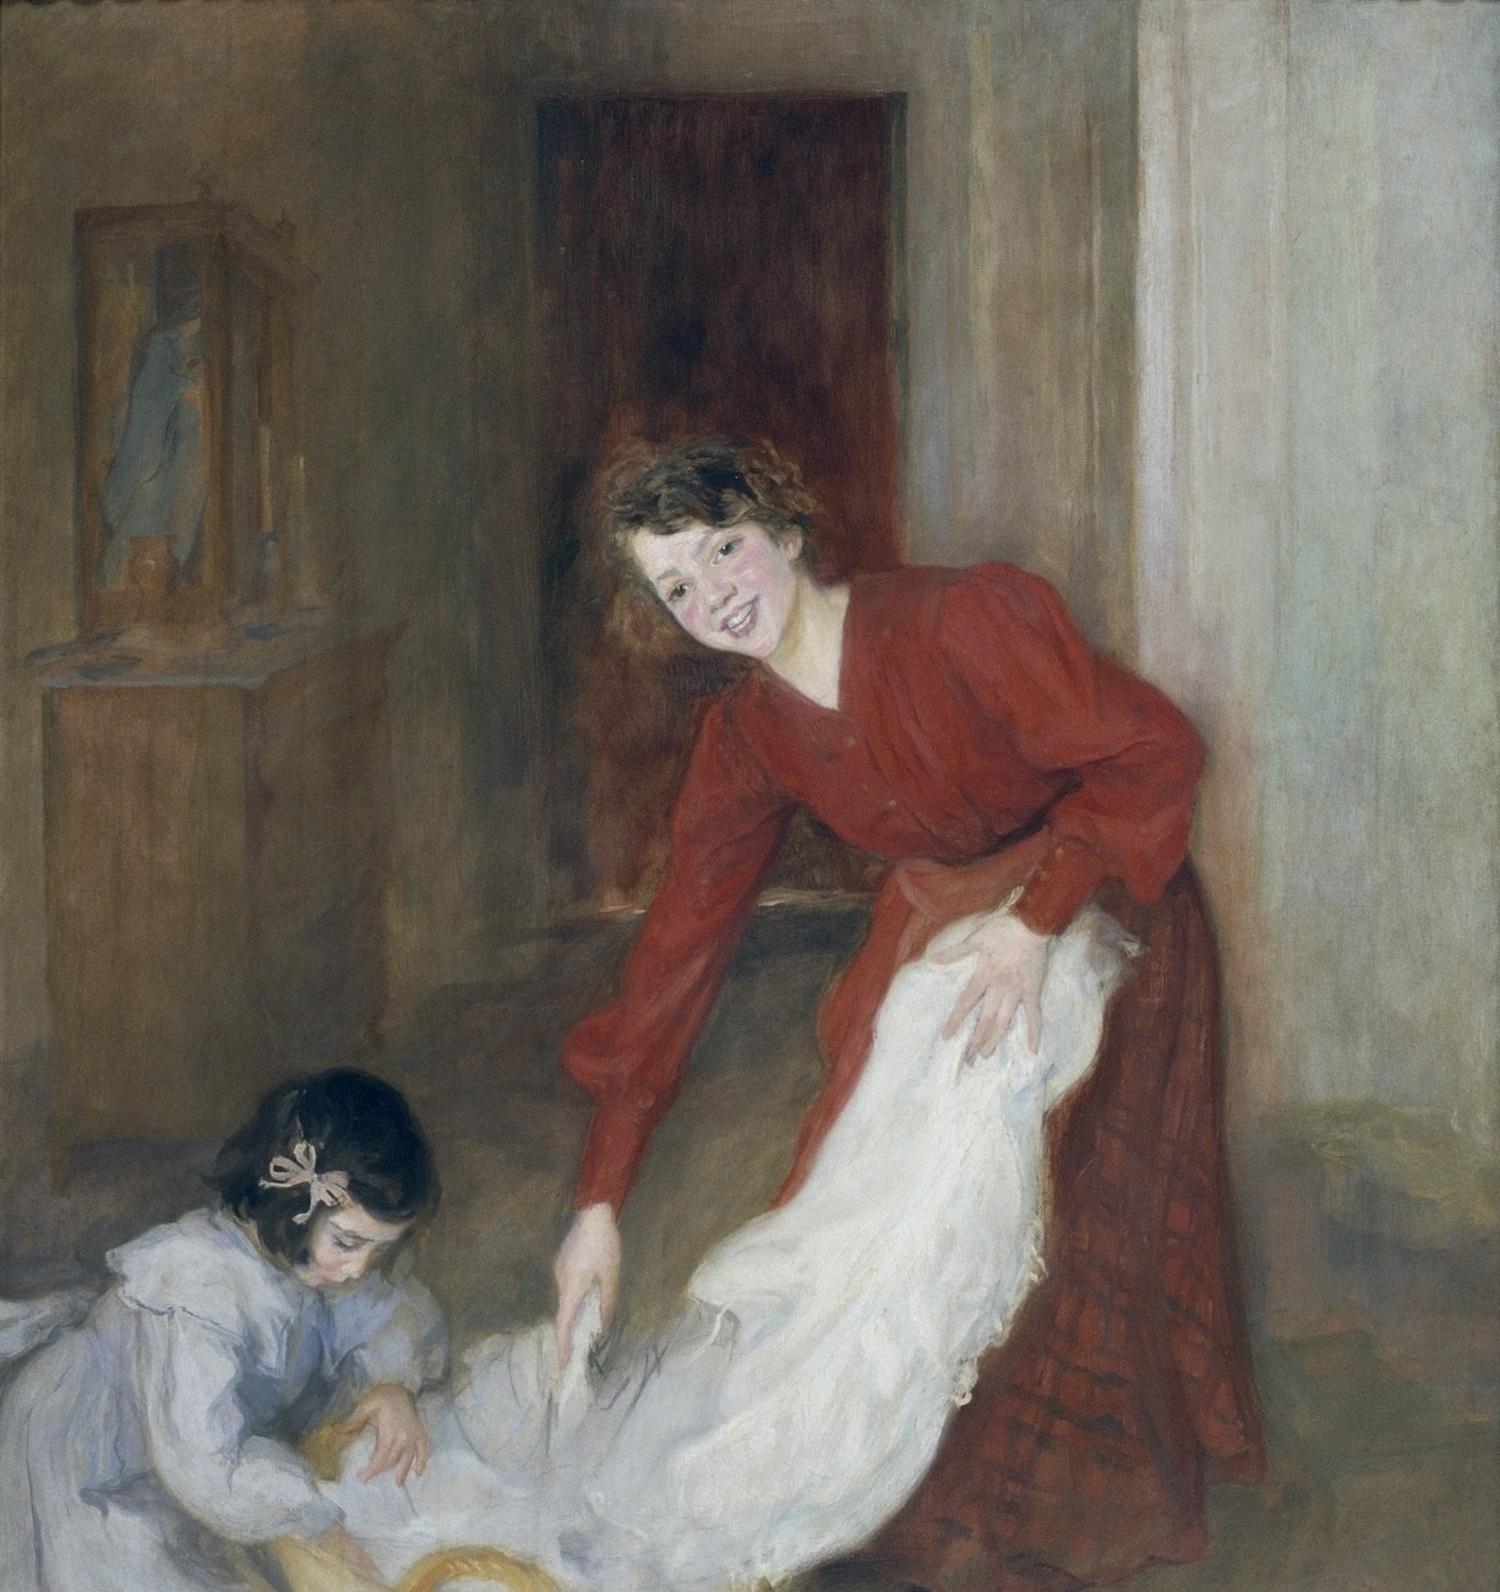 Lluïsa Vidal, Les mestresses de casa, 1905 (detall)